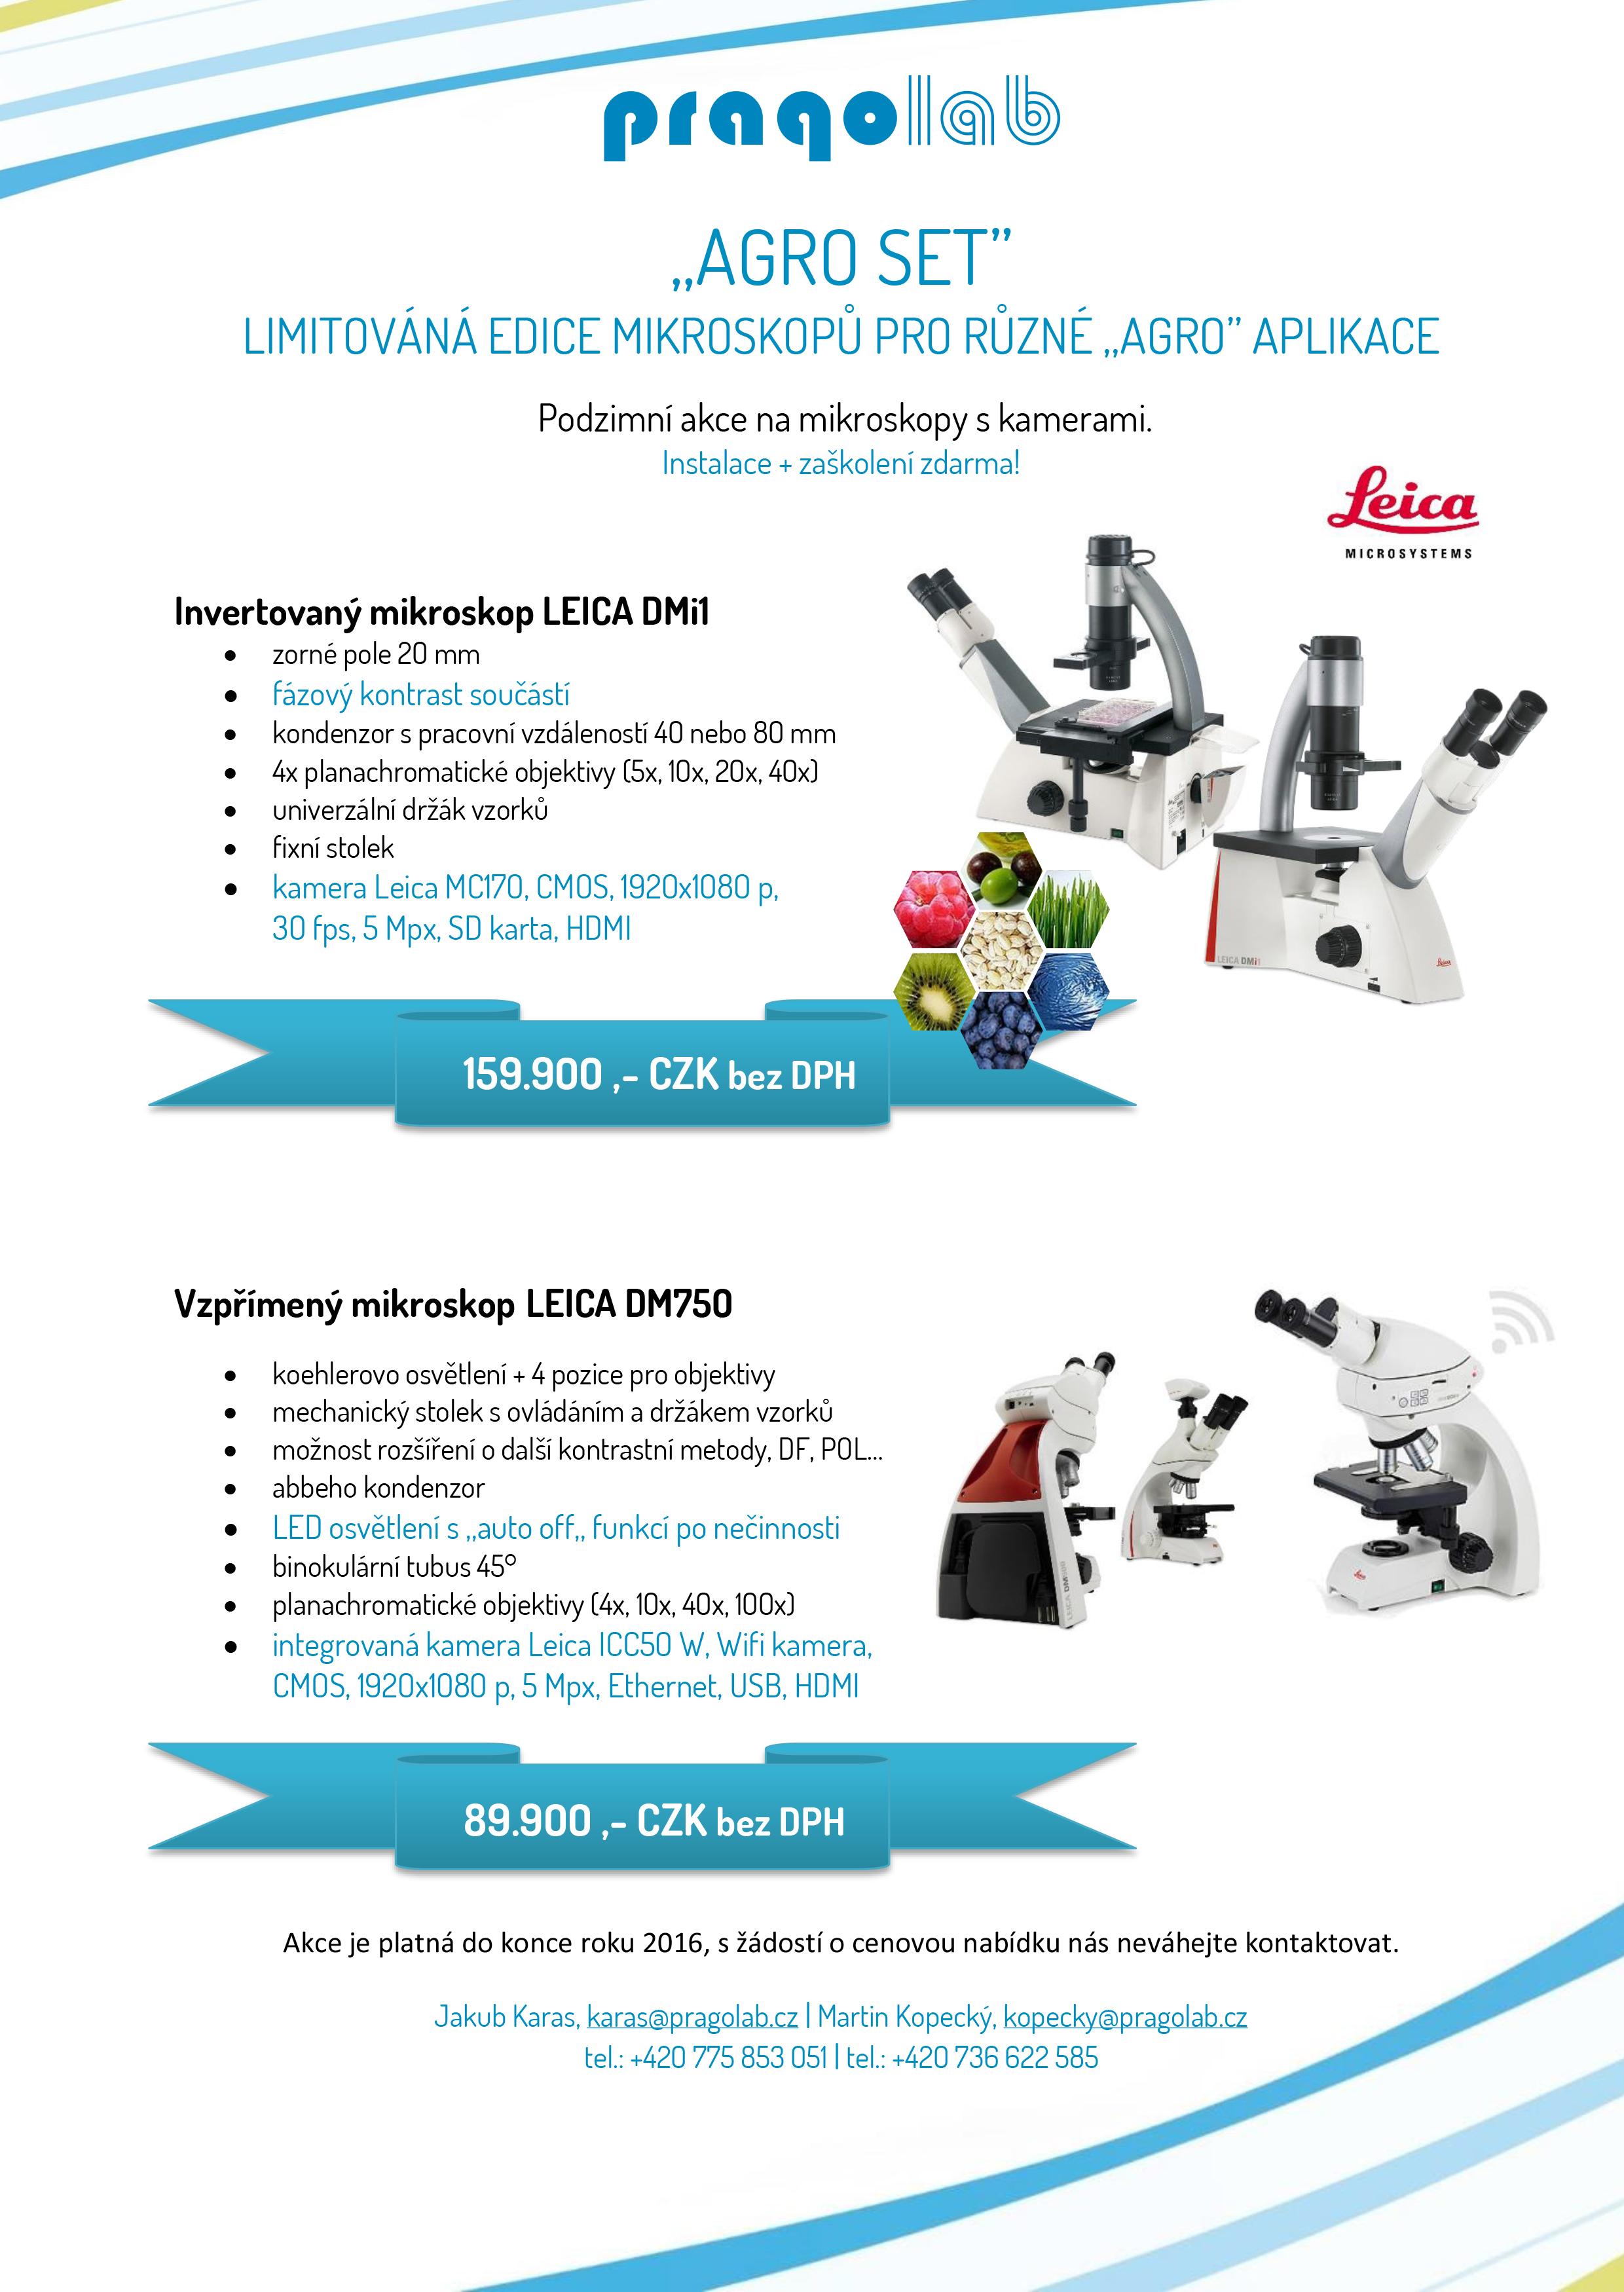 Akce - Mikroskopy pro agro aplikace